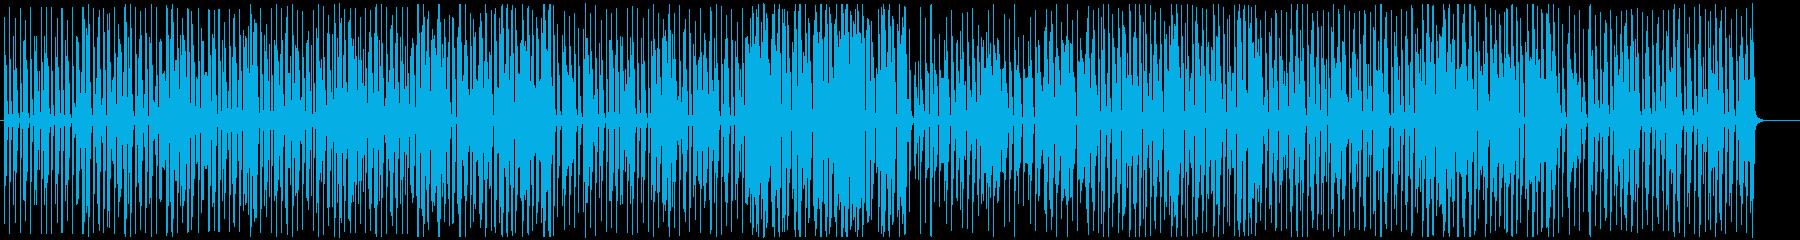 ゆる可愛いおもちゃポップBGM♫の再生済みの波形